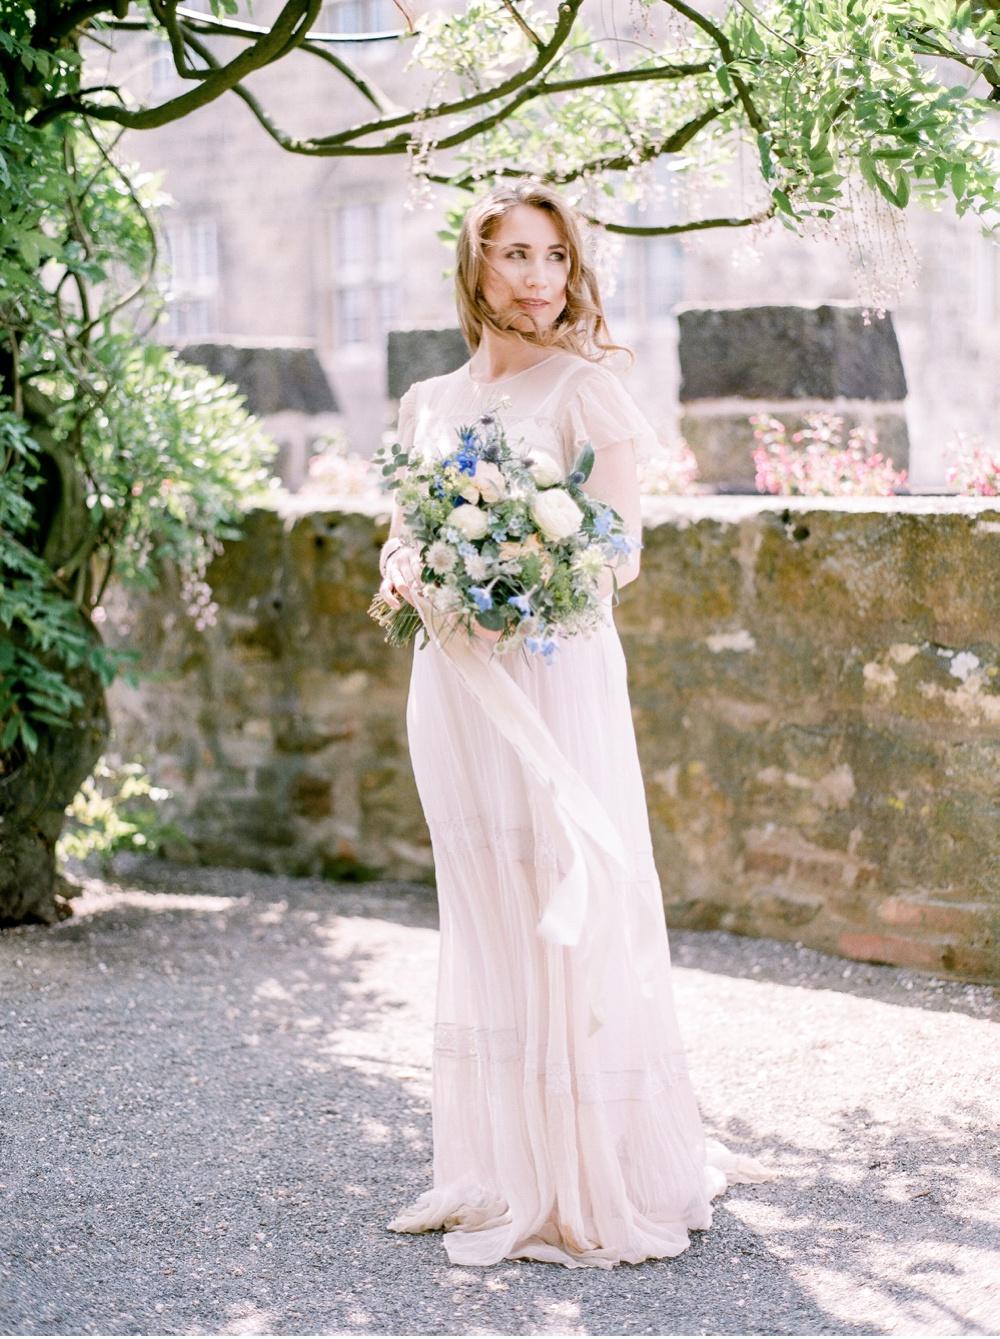 Wedding_Photographer_Tuscany©MadalinaSheldon_0016.jpg